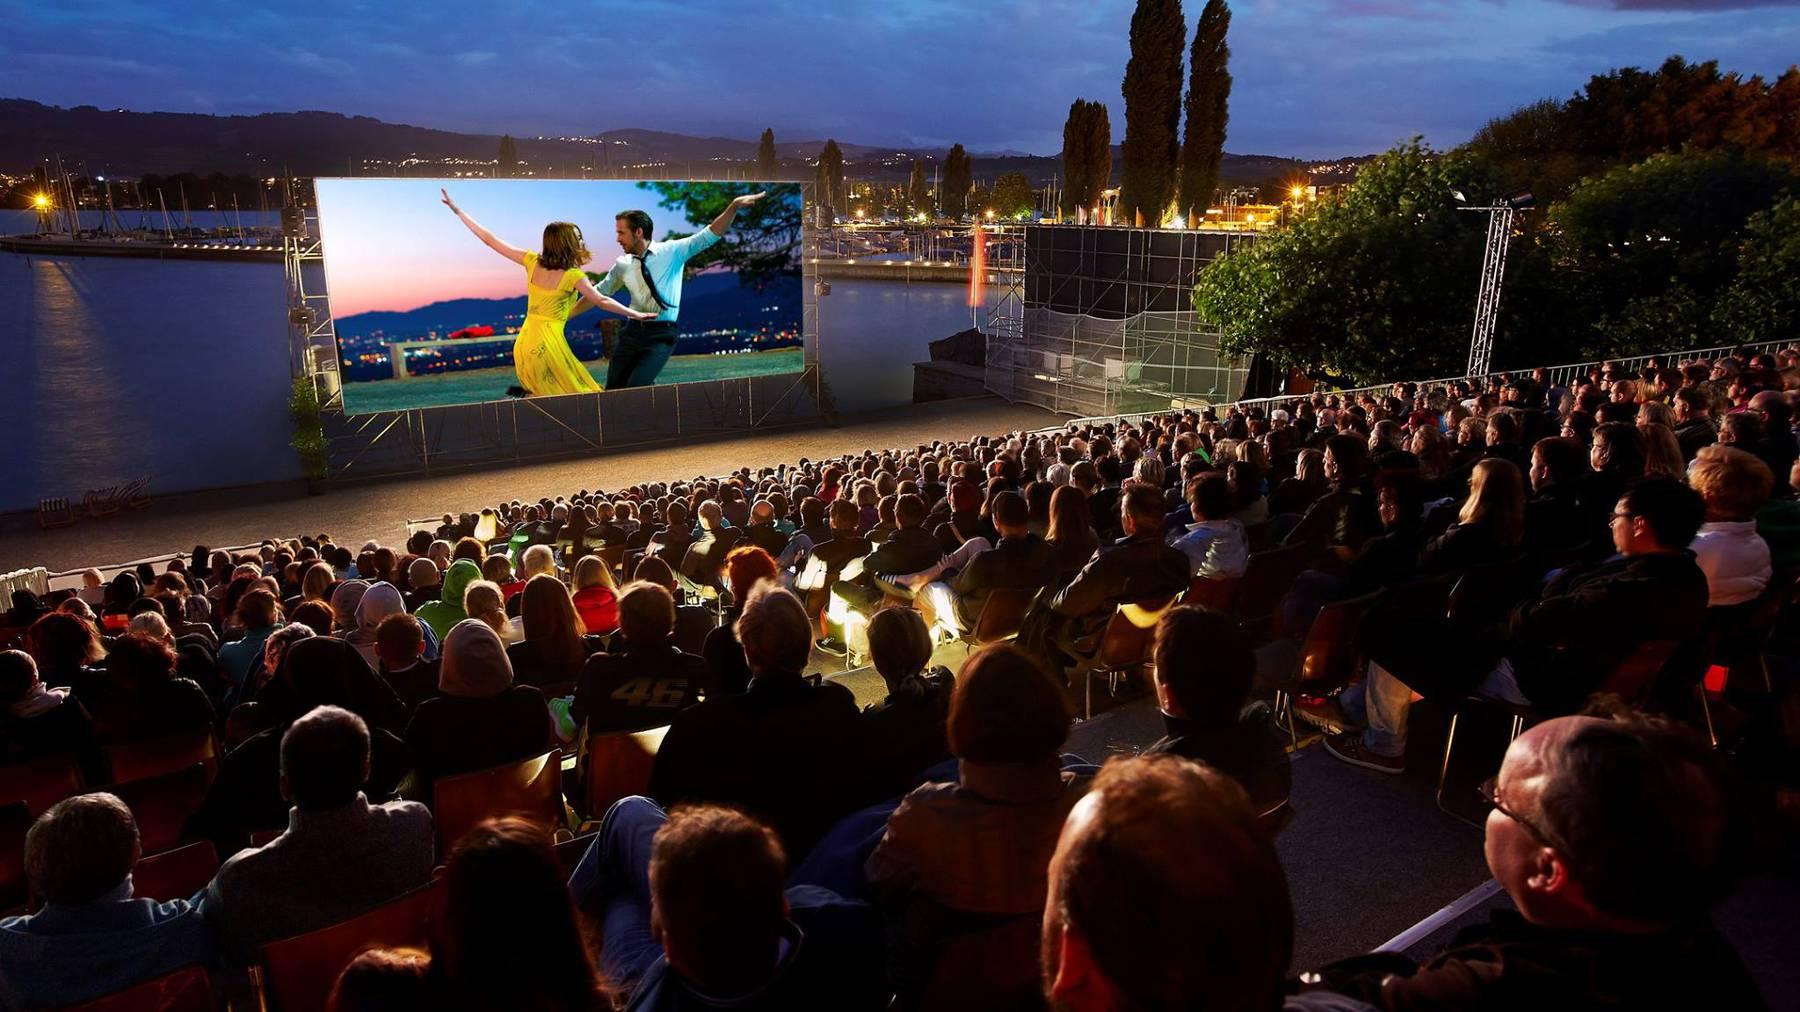 Kinovergnügen unter freiem Himmel: Am Open Air Kino in Arbon